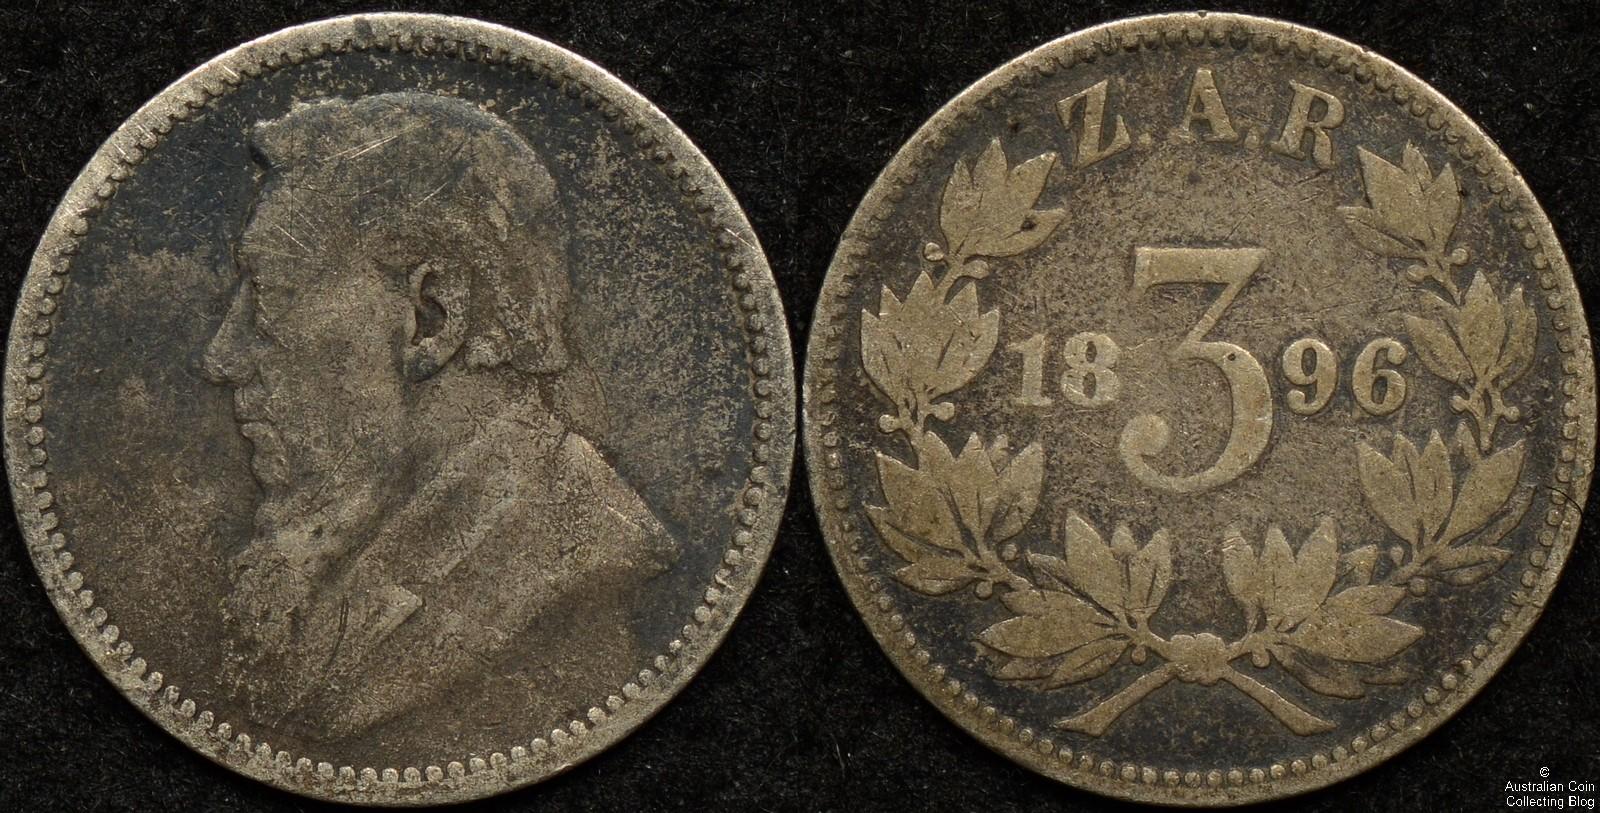 South Africa ZAR 1896 3d